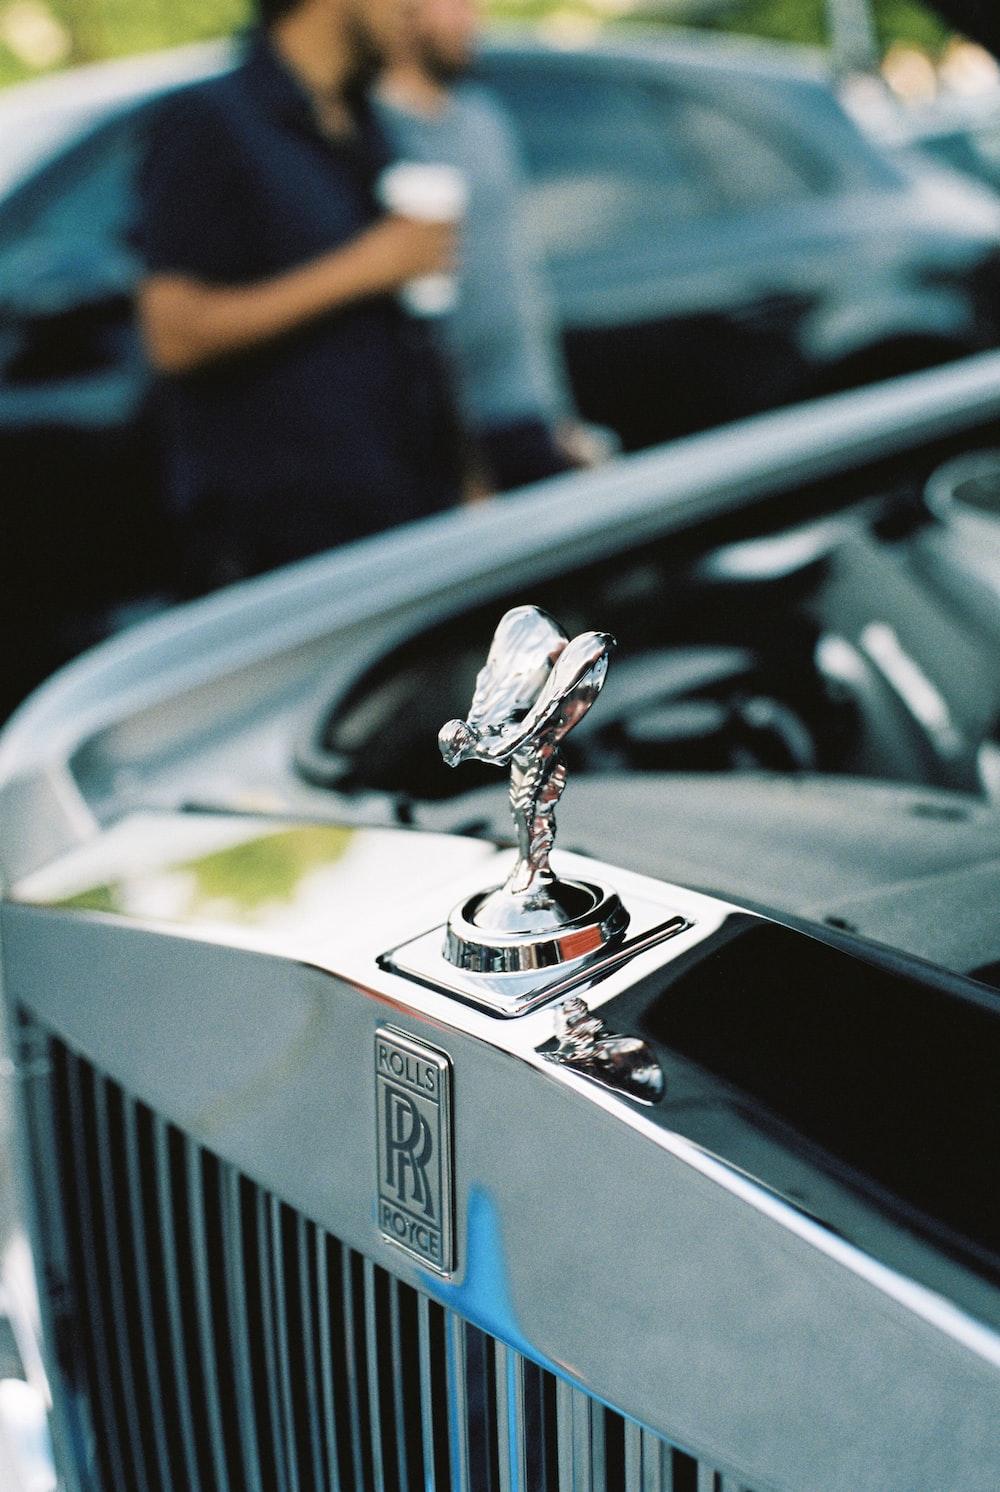 Rolls Royce emblem macro photography